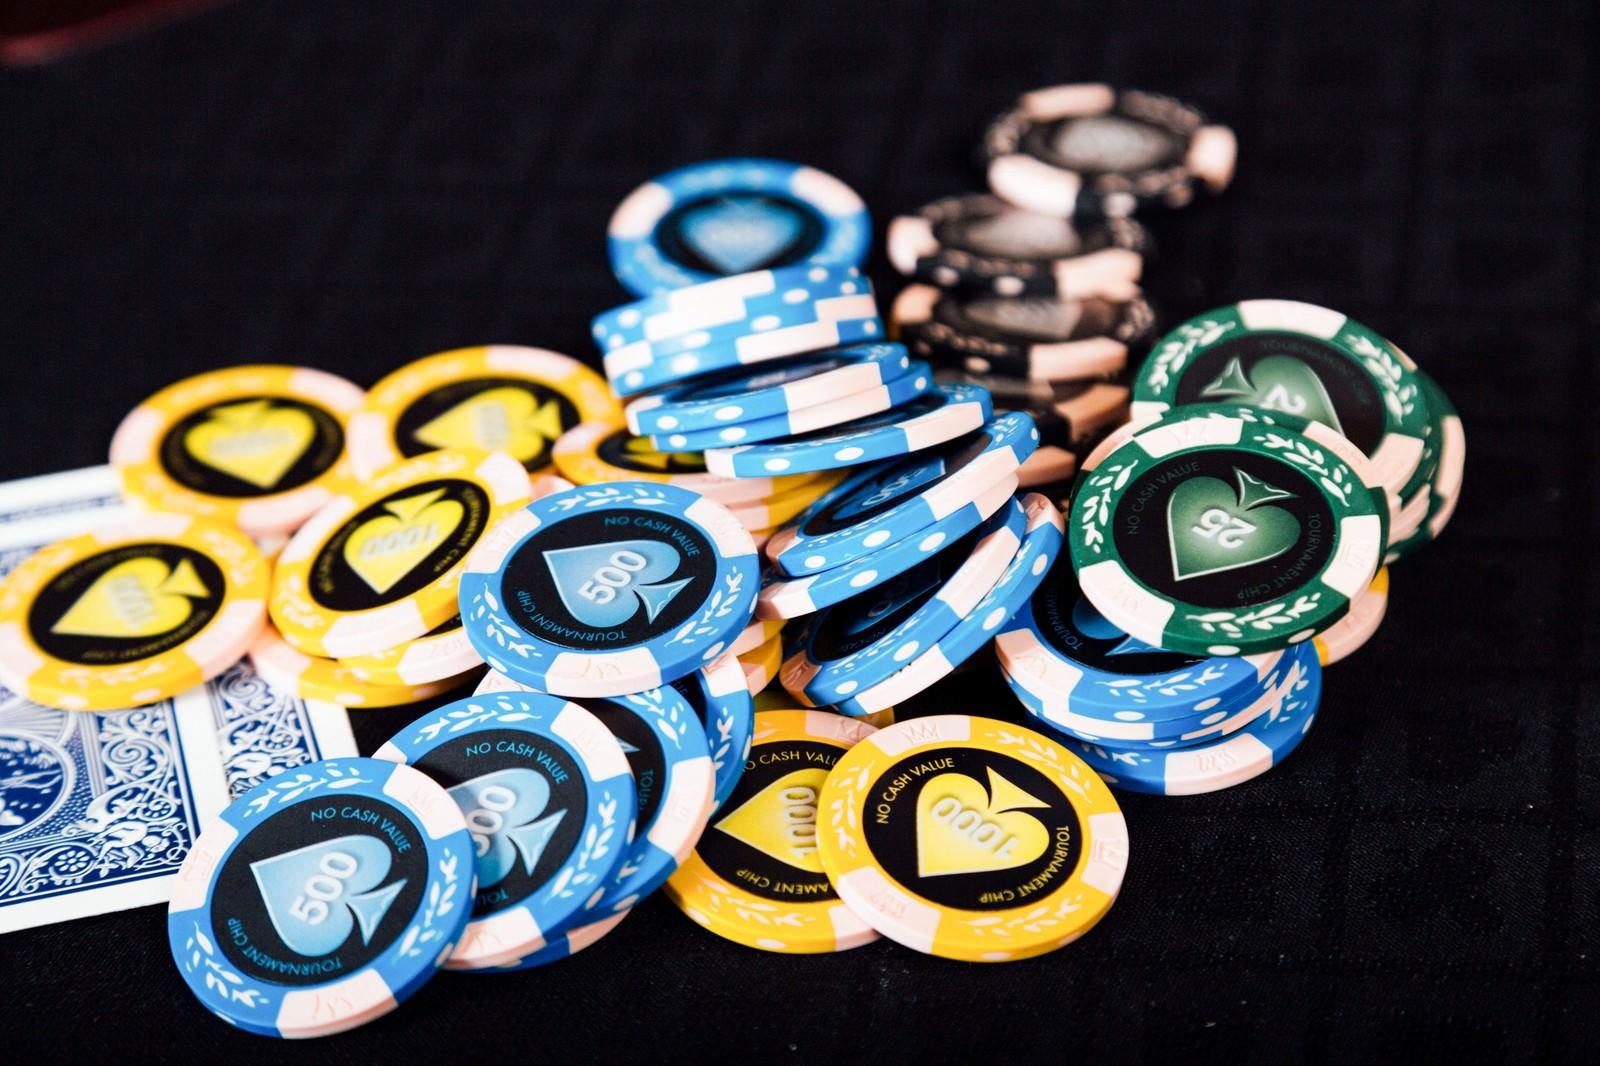 「散らばったカジノのチップとトランプ」